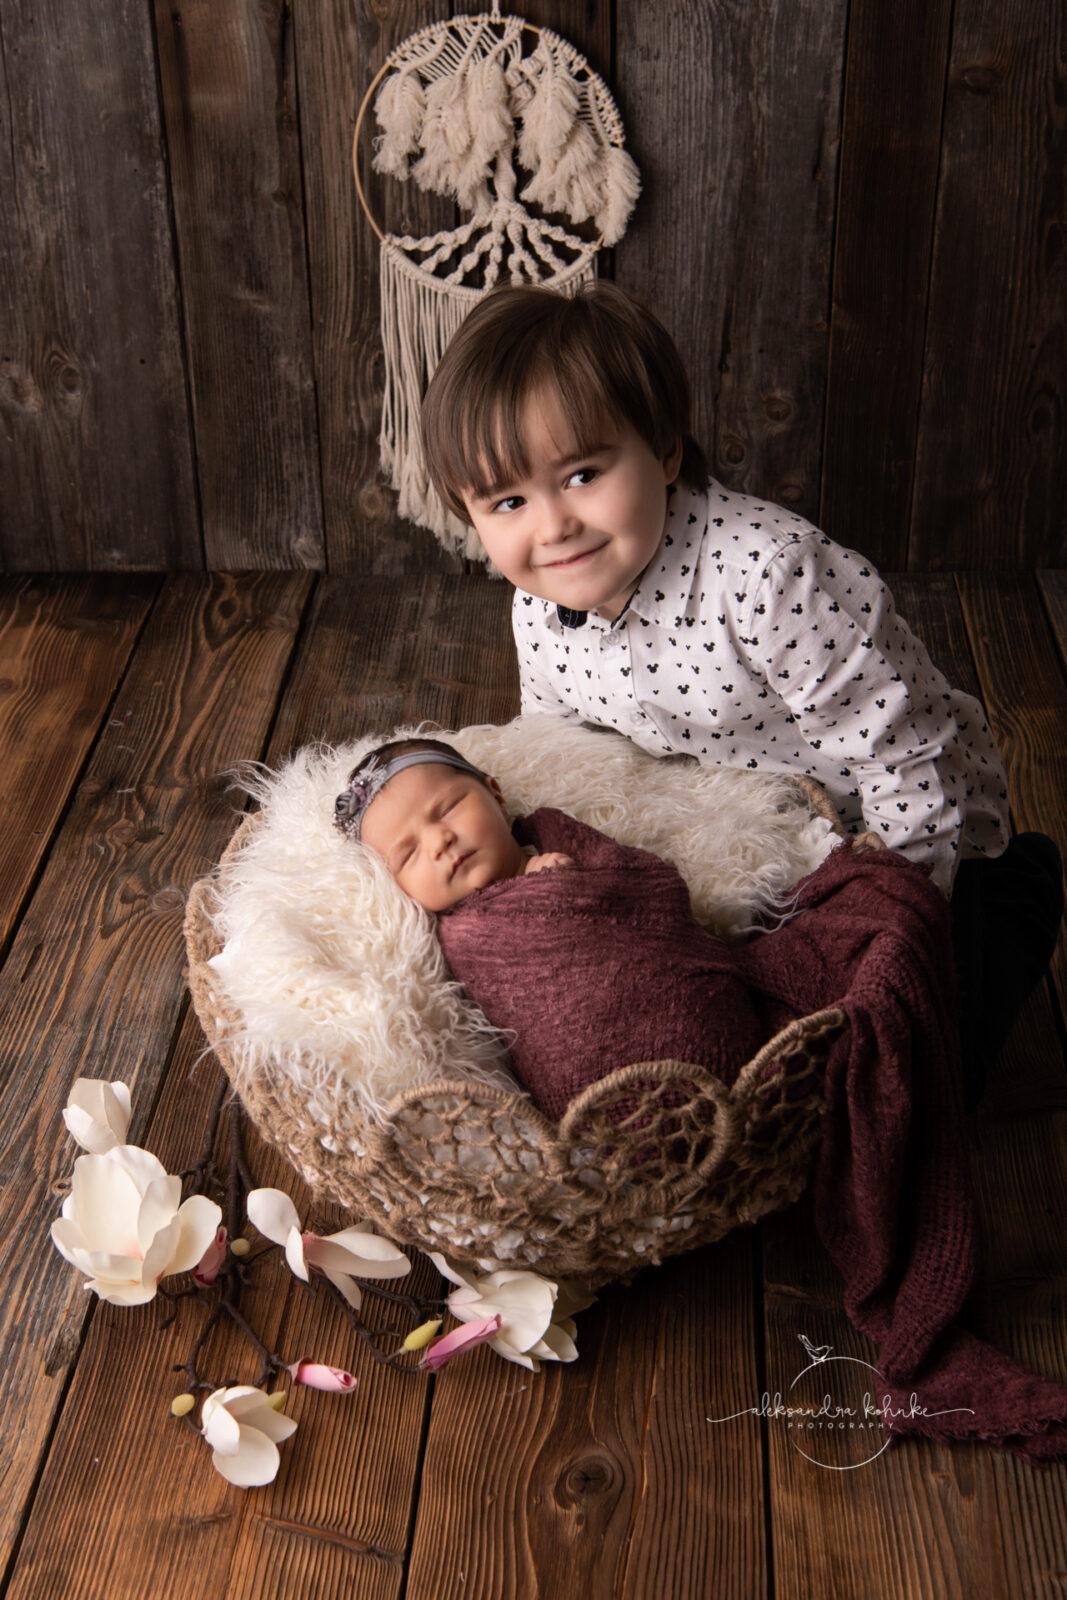 Geschwistershooting mit Neugeborenen im Fotostudio in Rapperswil Jona